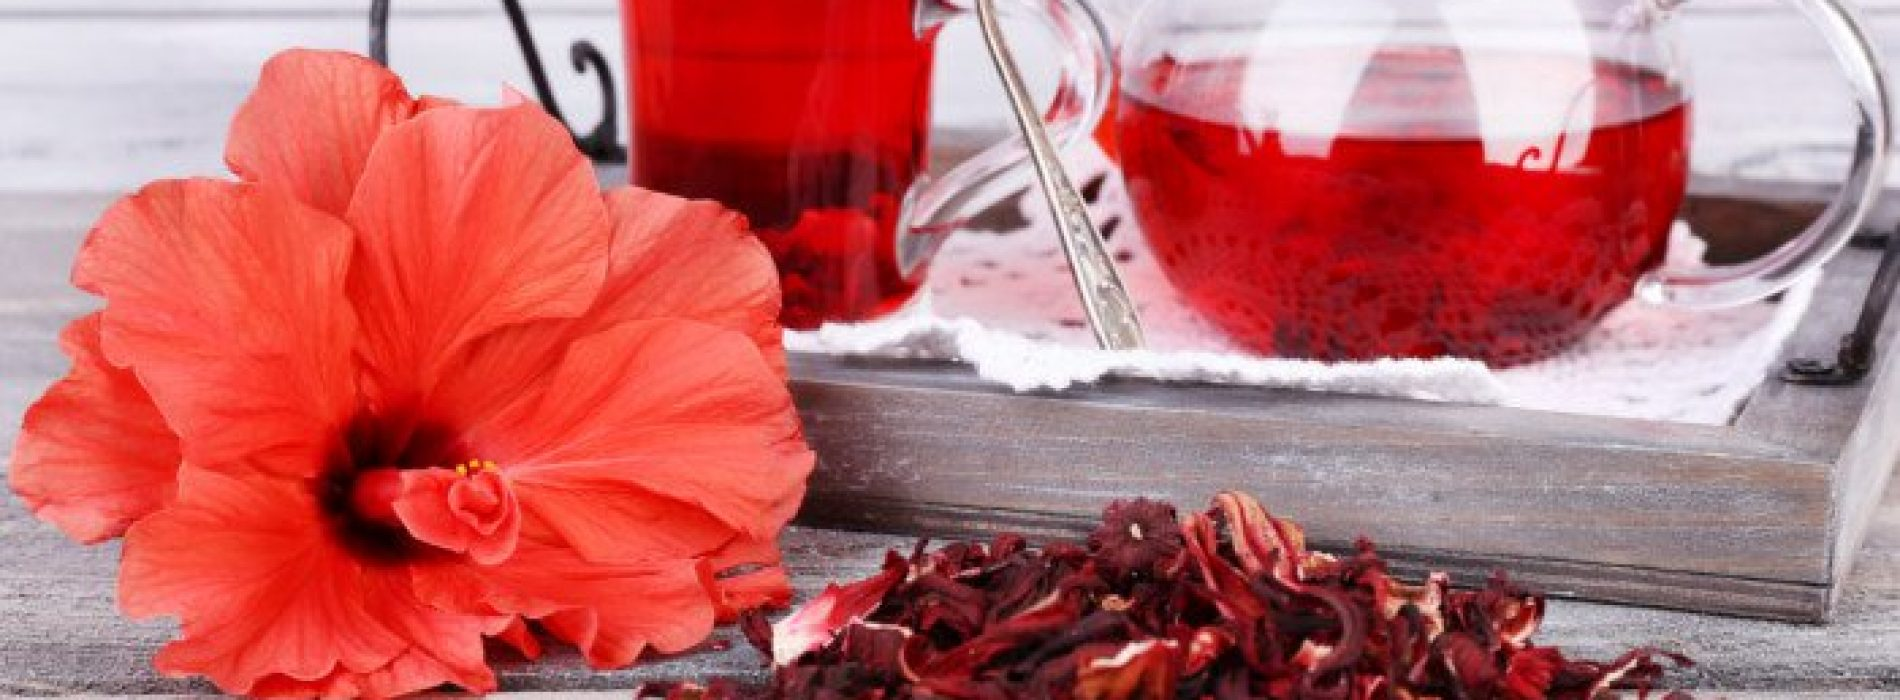 Hibiscus-thee verbetert de doorbloeding, vermindert het risico op hart- en vaatziekten